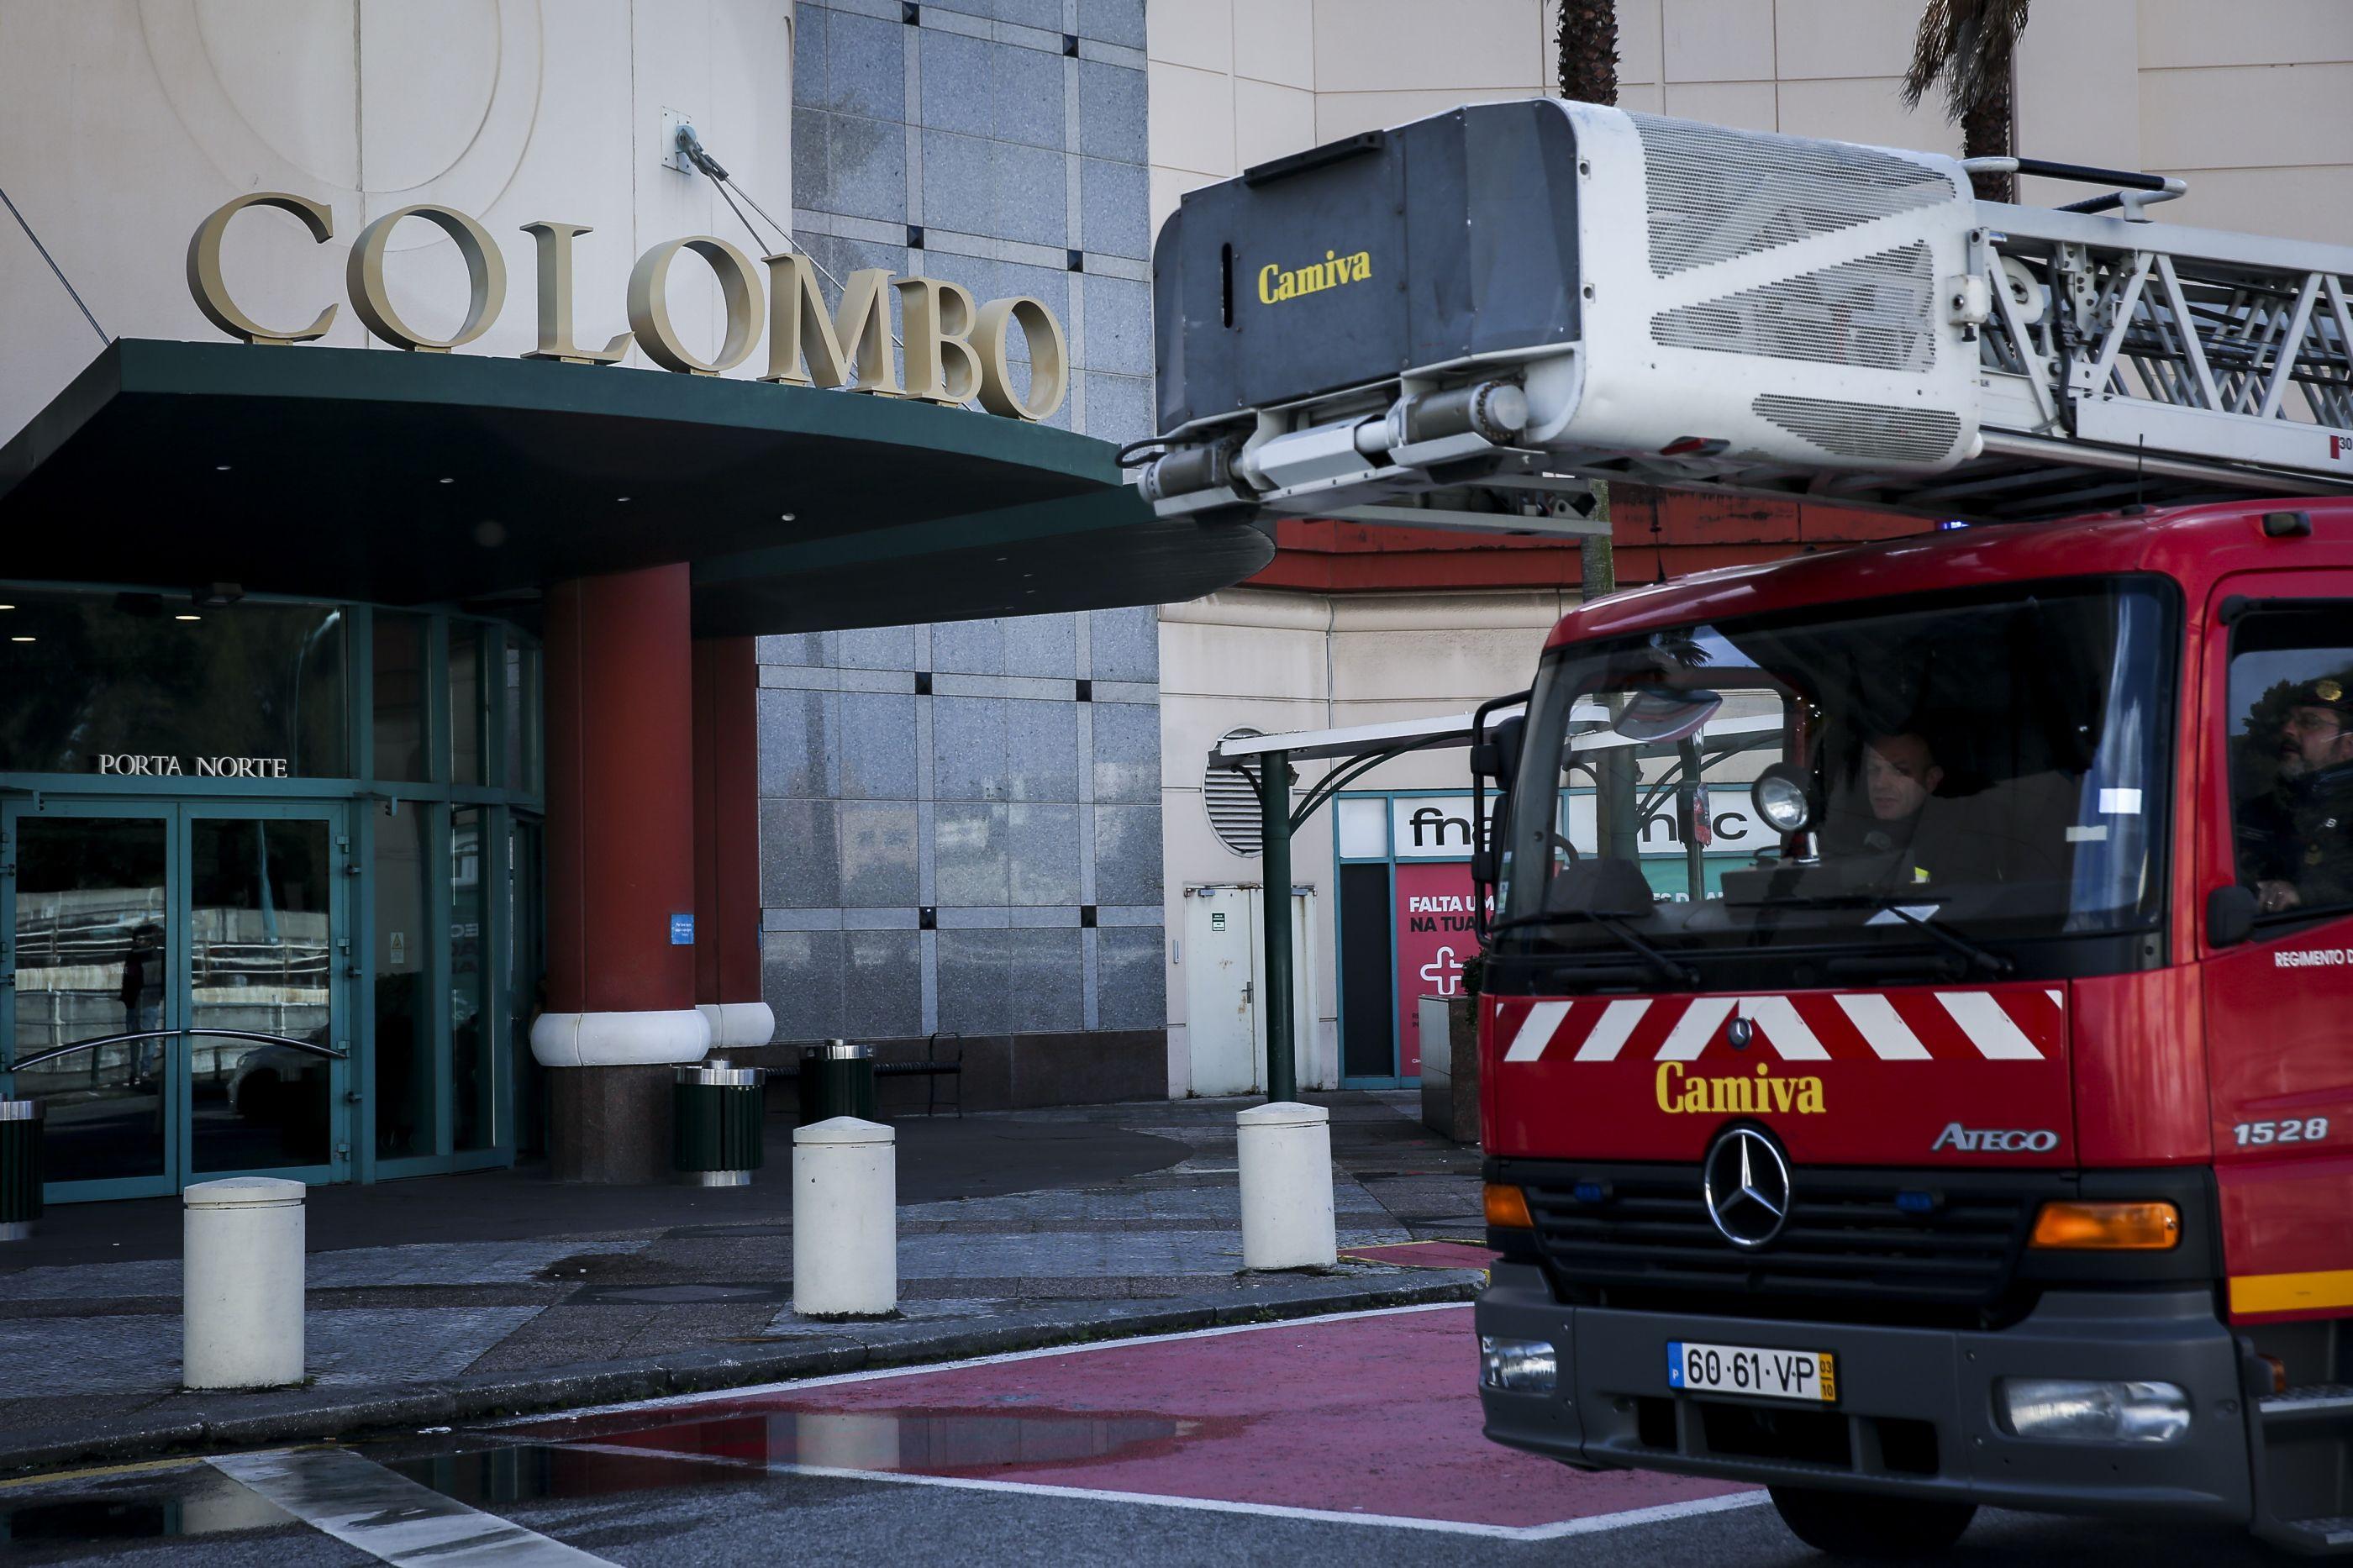 Incêndio causa susto na zona de restauração do Centro Comercial Colombo